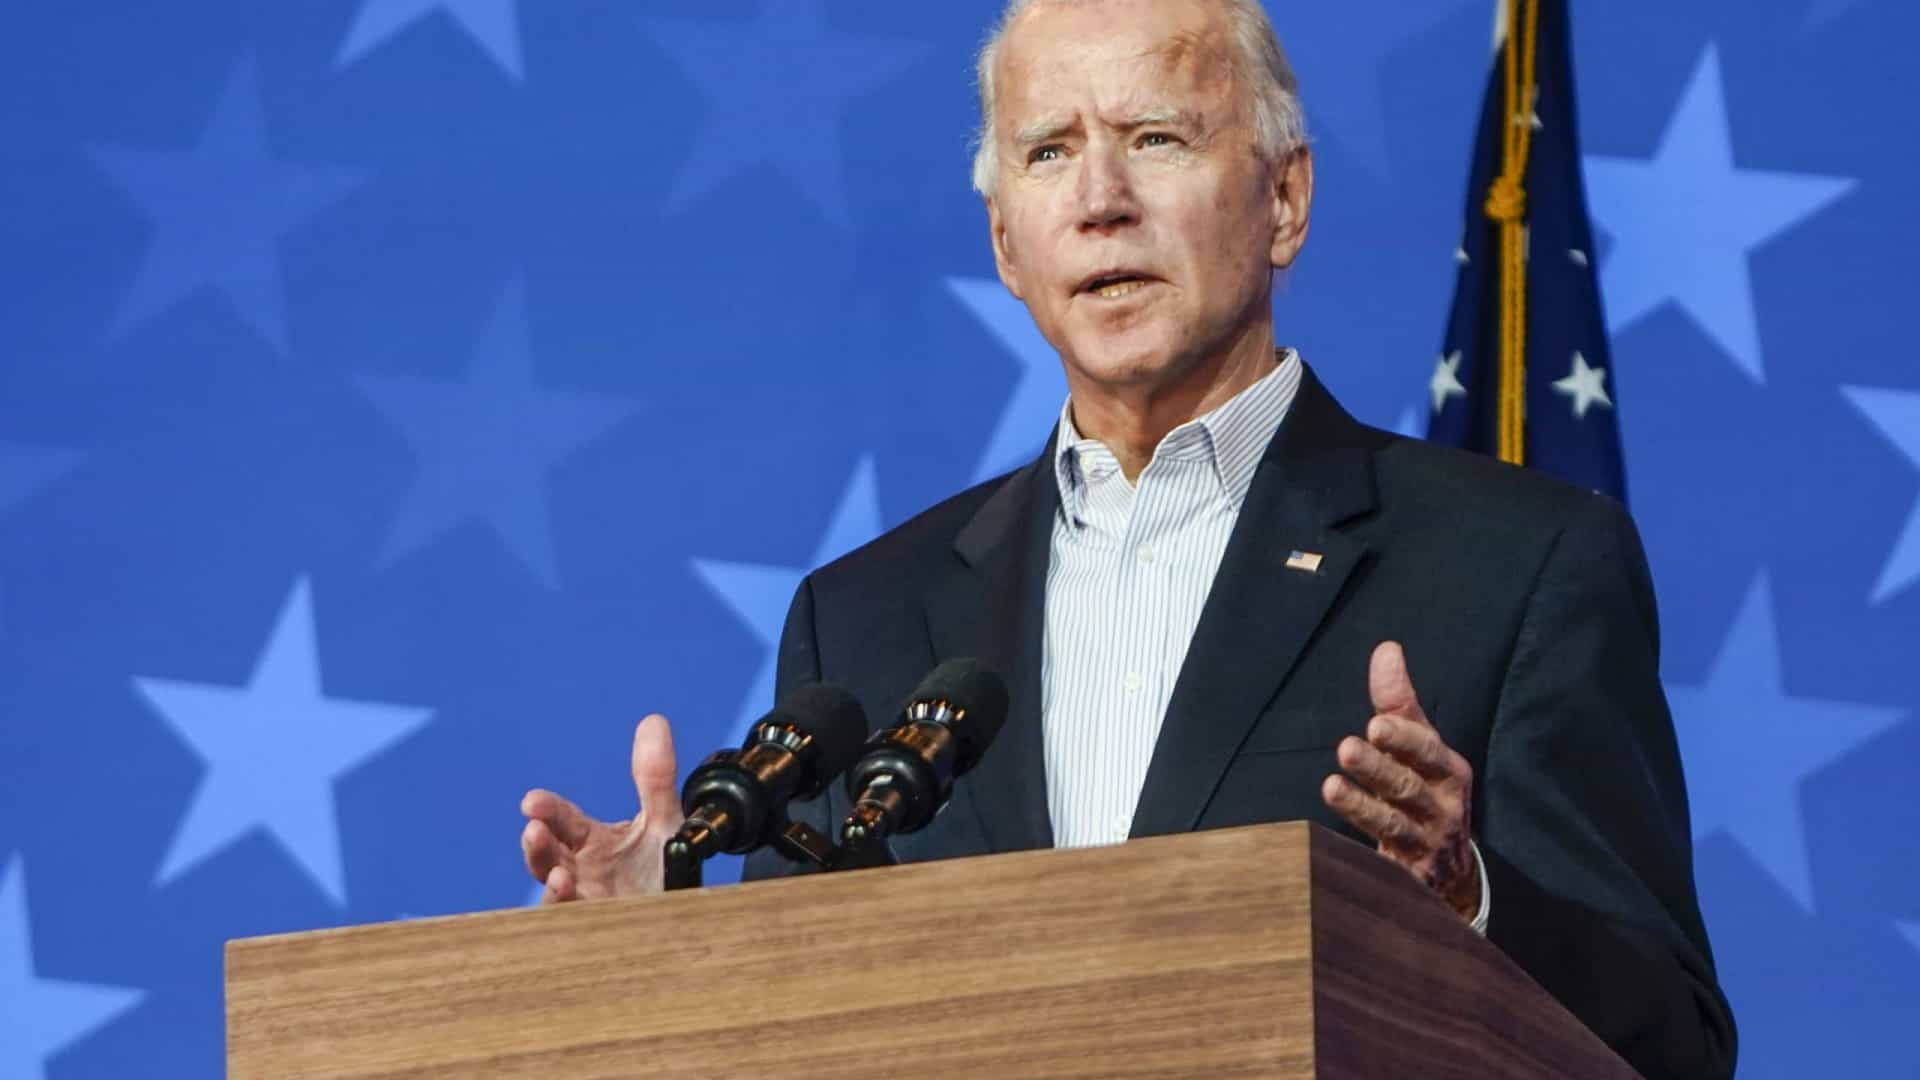 Biden lista prioridades: pandemia, crise, clima e igualdade racial